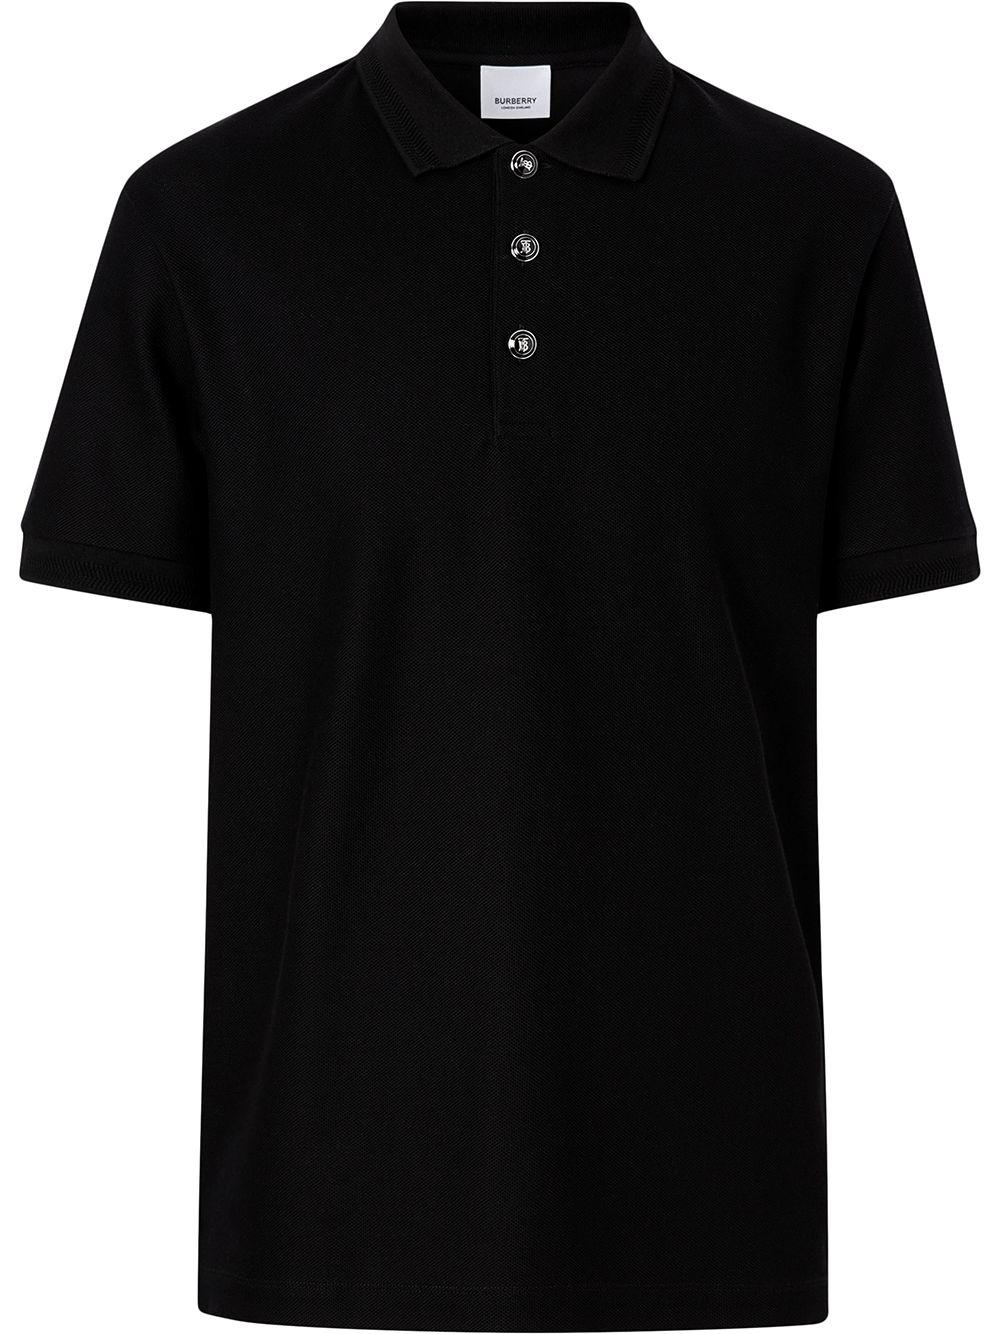 Burberry Poloshirt mit Logo-Knöpfen - Schwarz